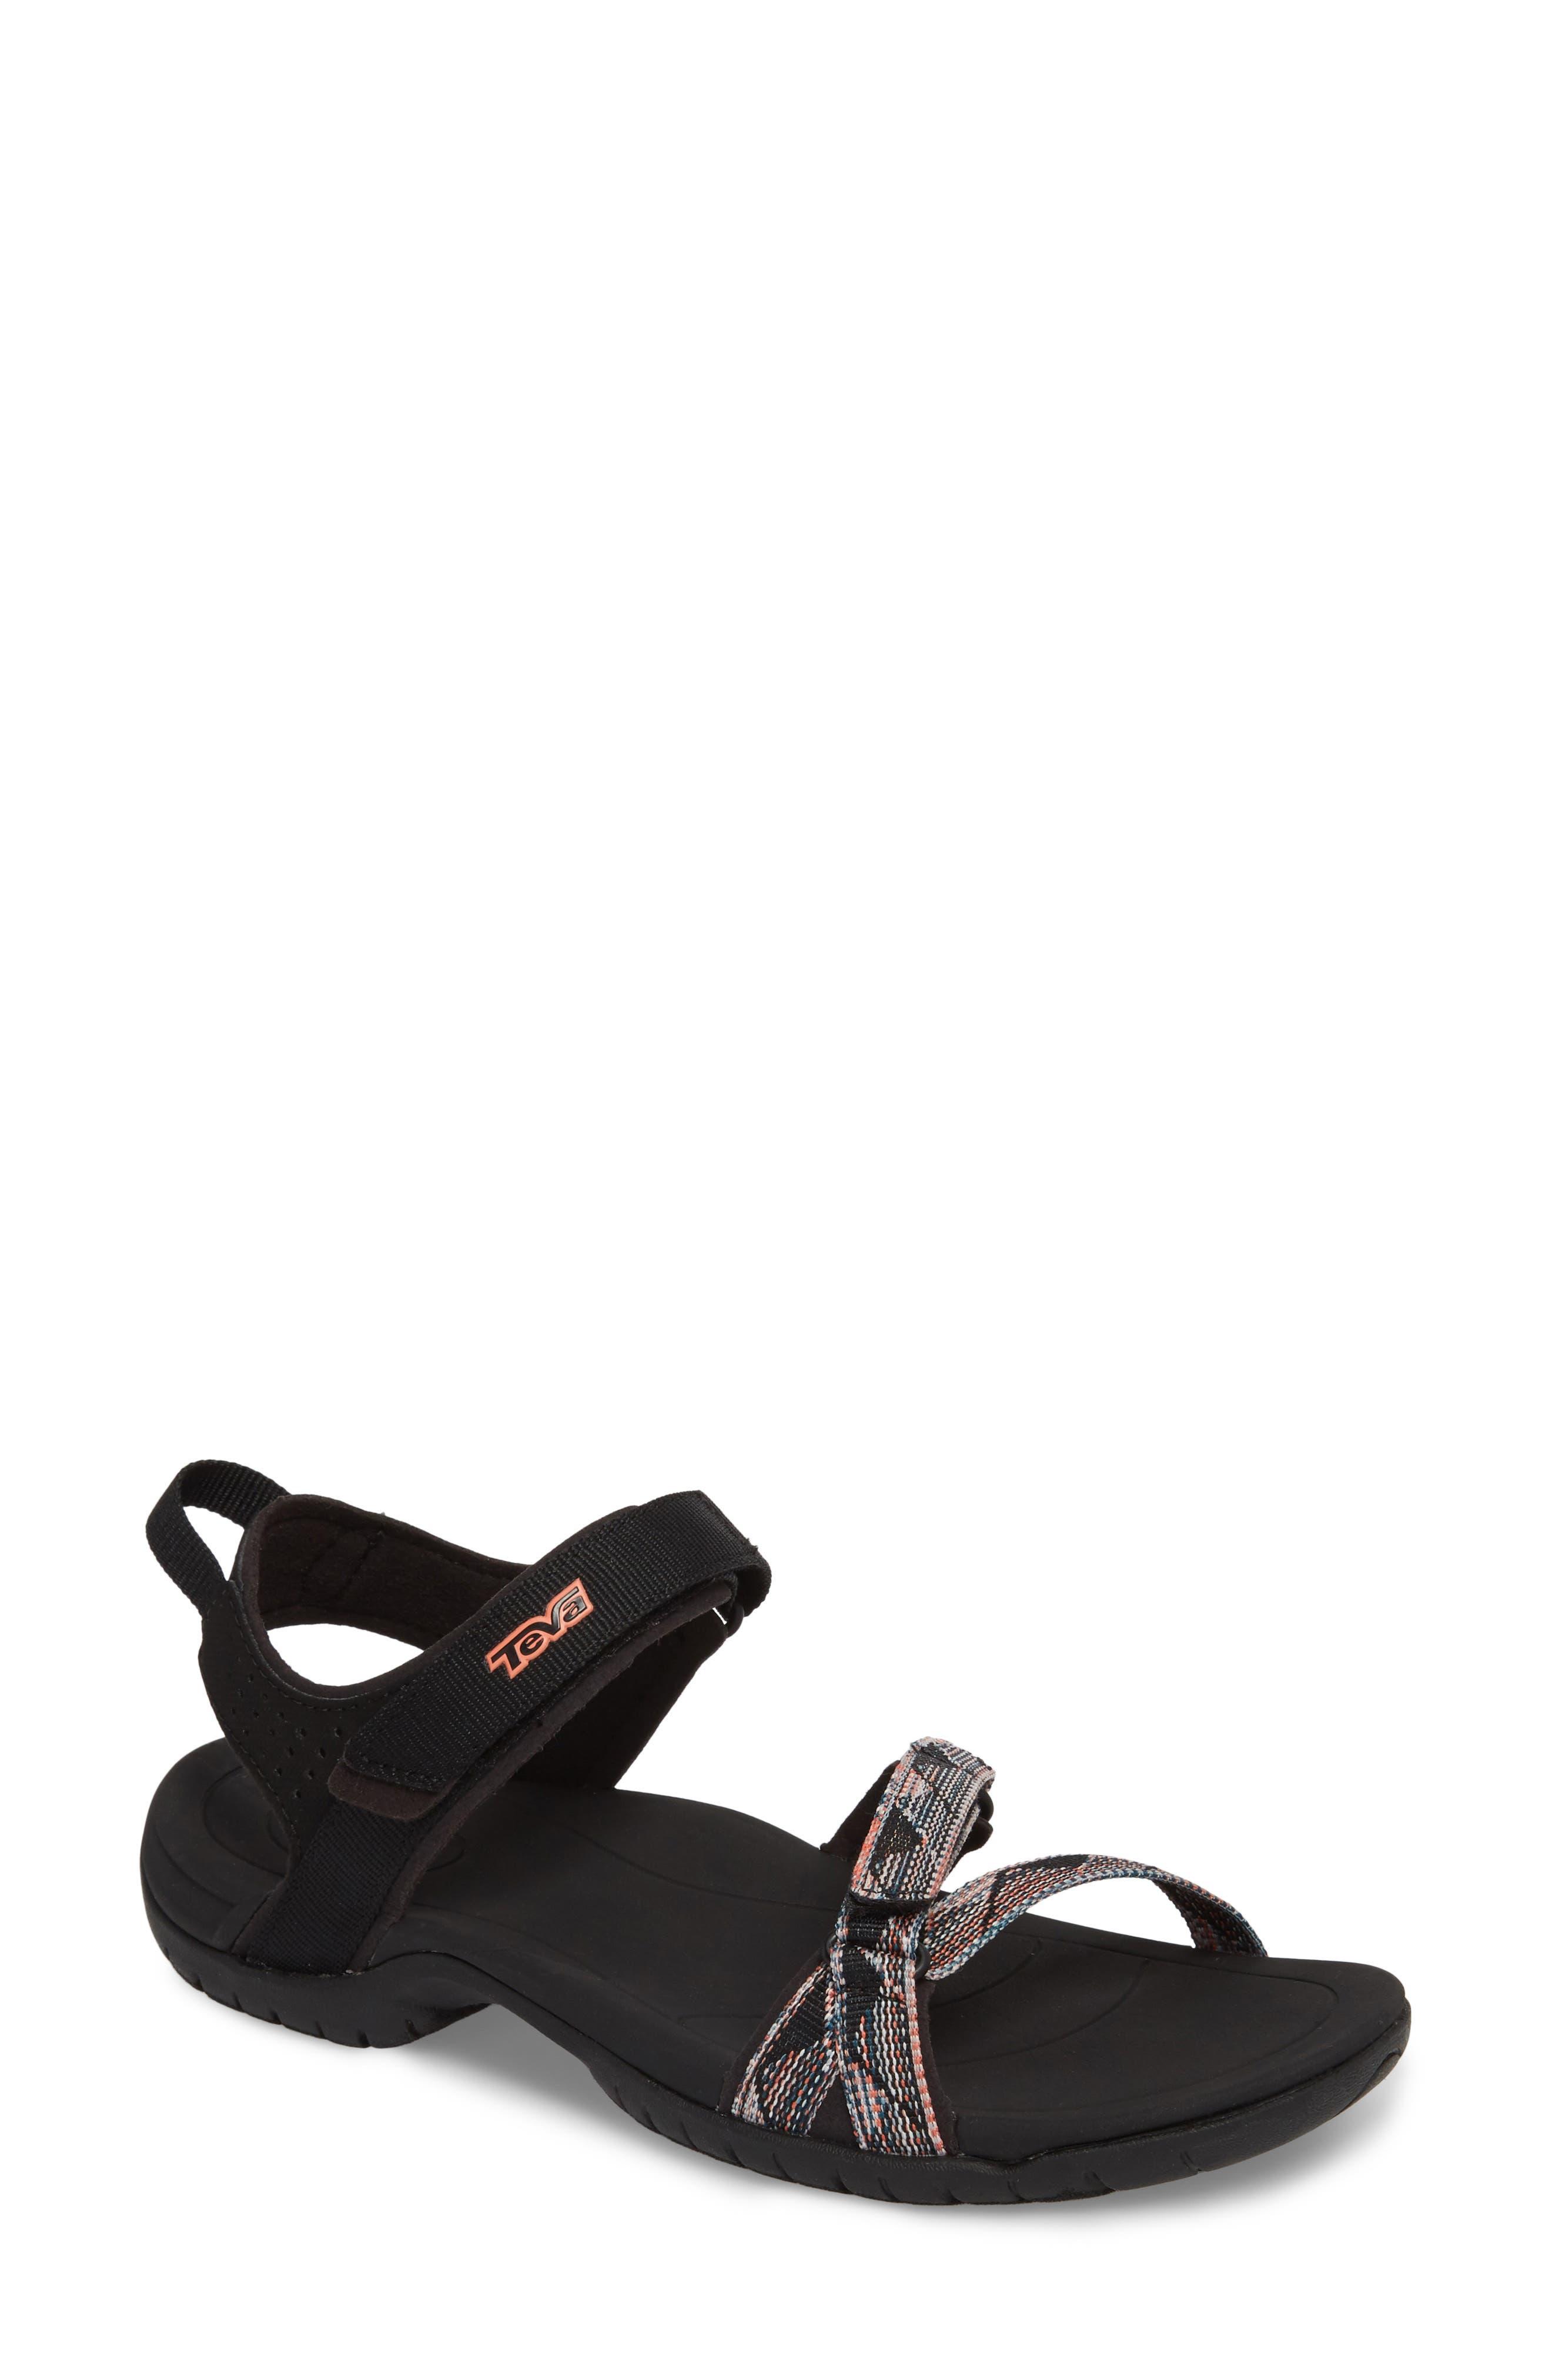 'Verra' Sandal,                             Main thumbnail 1, color,                             Suri Black Multi